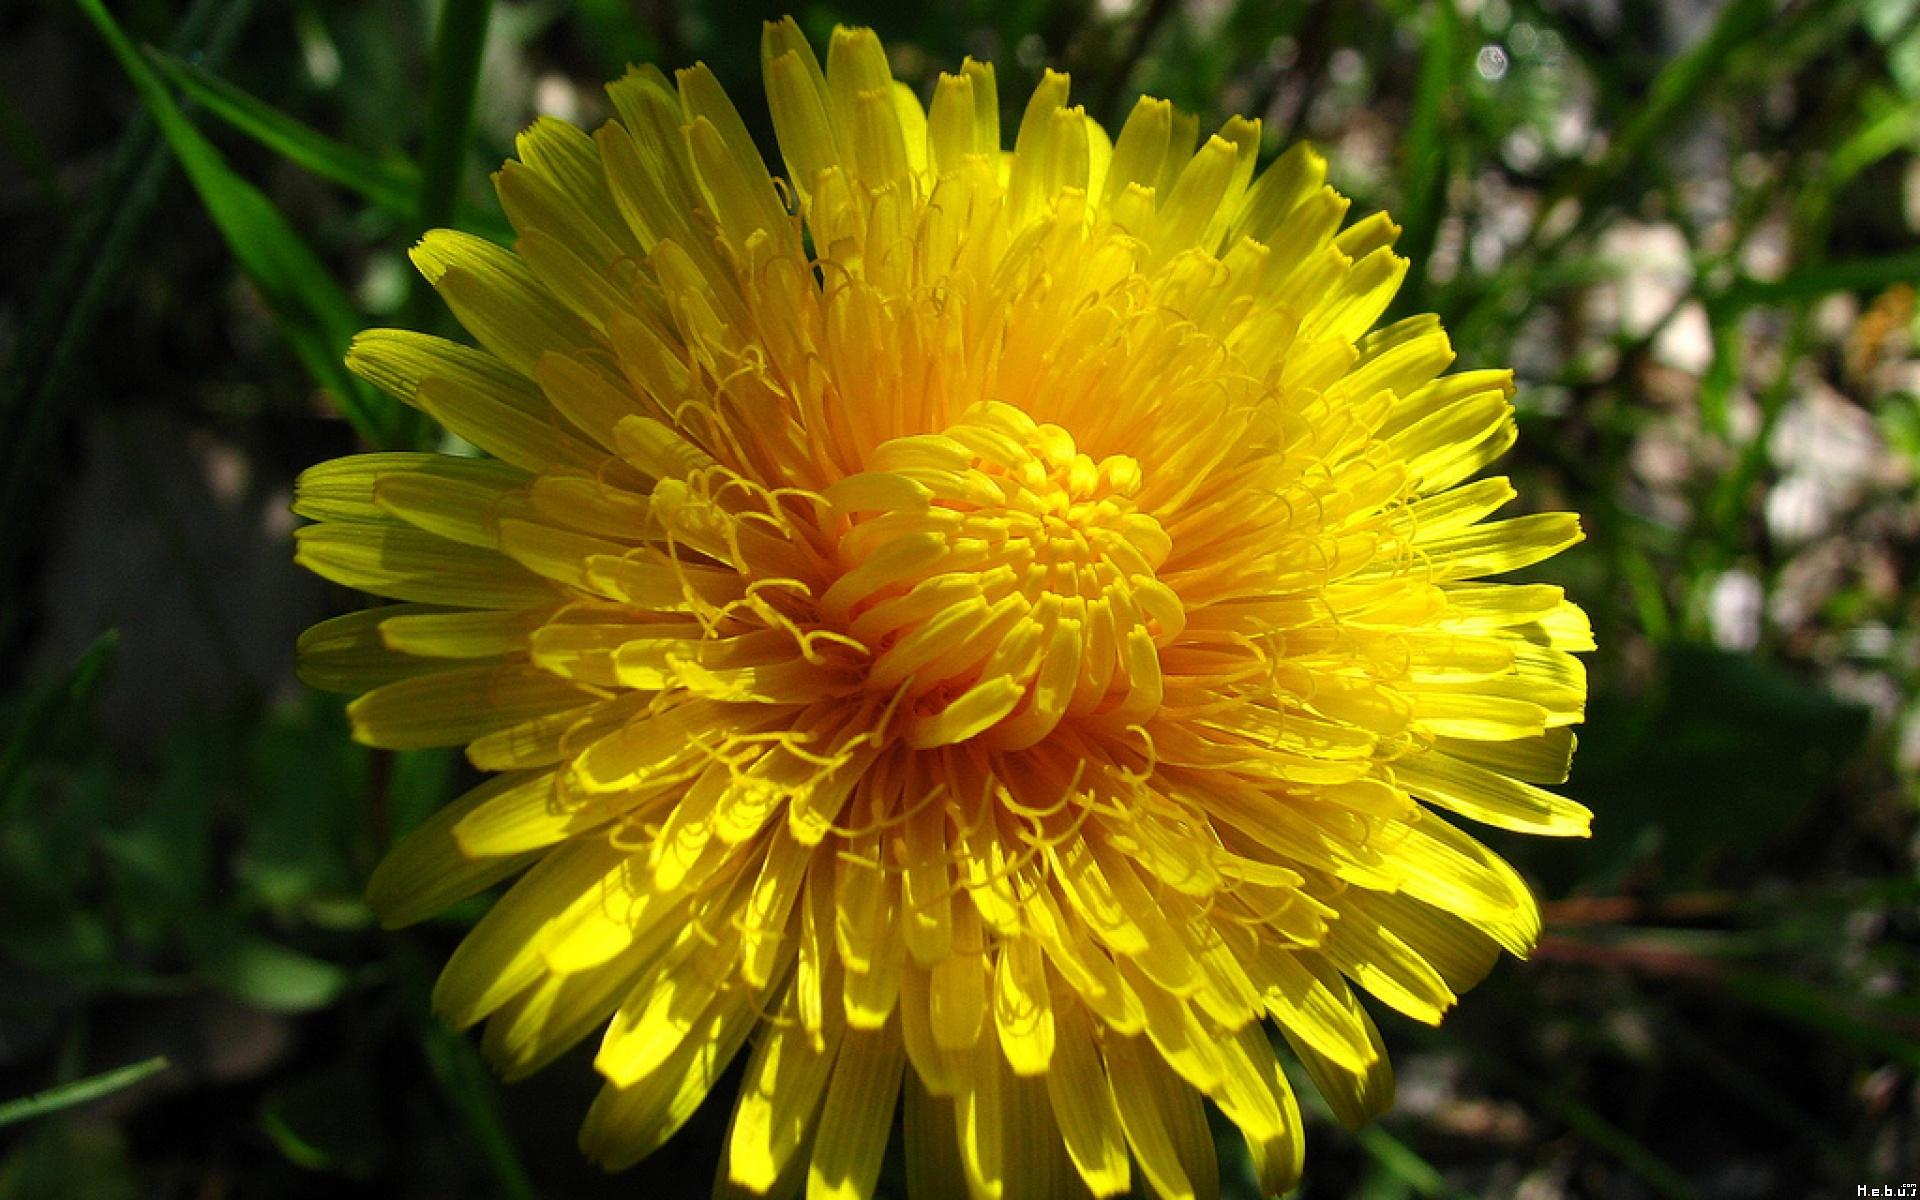 Fleur fleurs nature jpg 265801 - Initiatives fleurs et nature ...